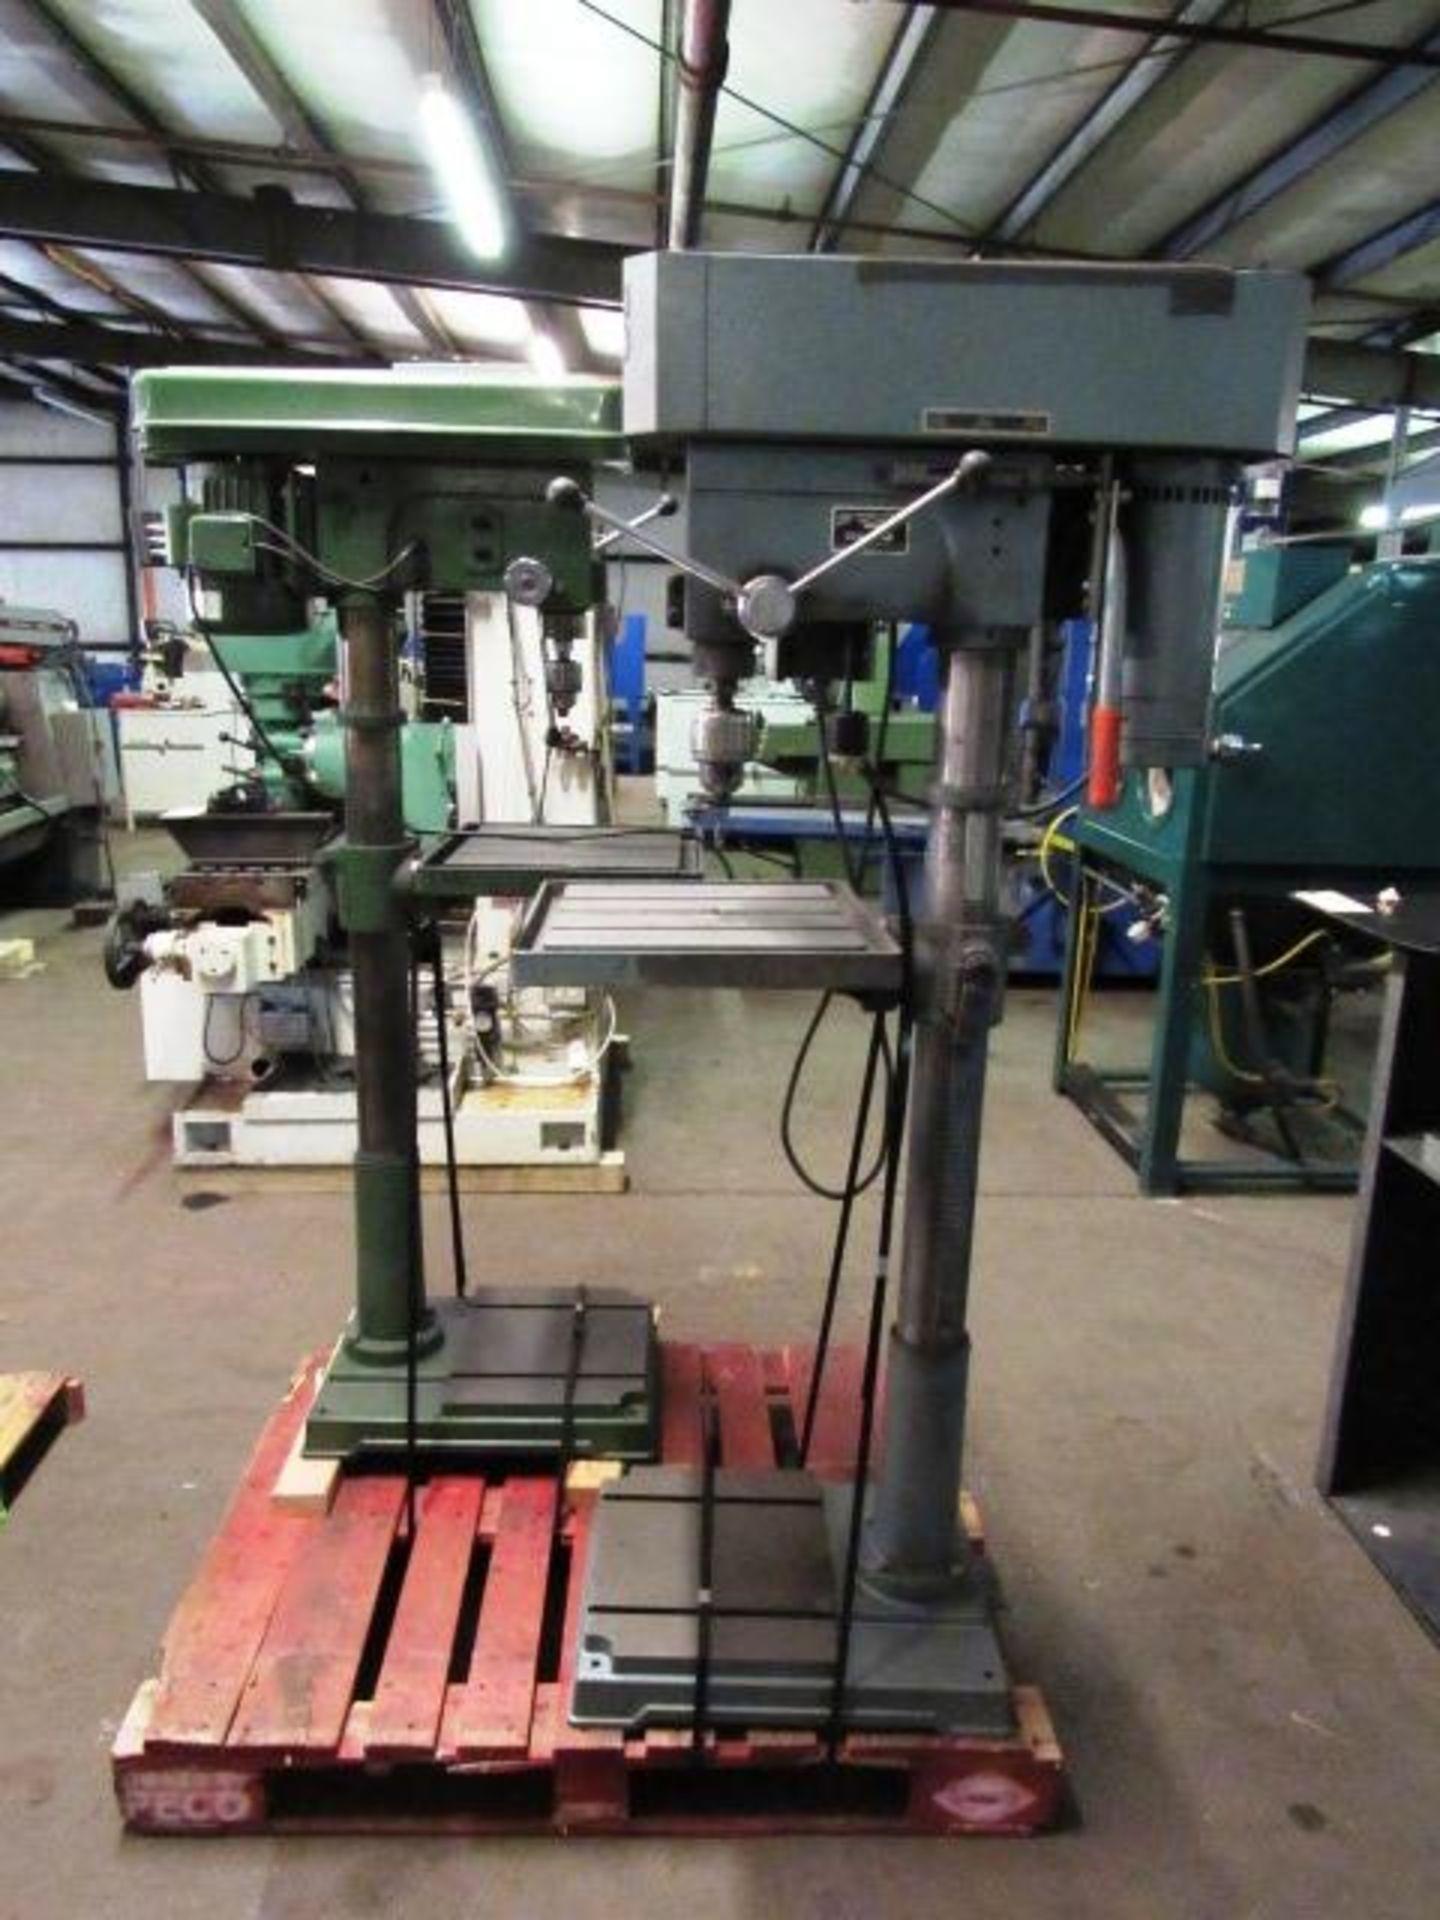 Lot 25 - Ellis Model 90DP-2 Variable Speed Drill Press